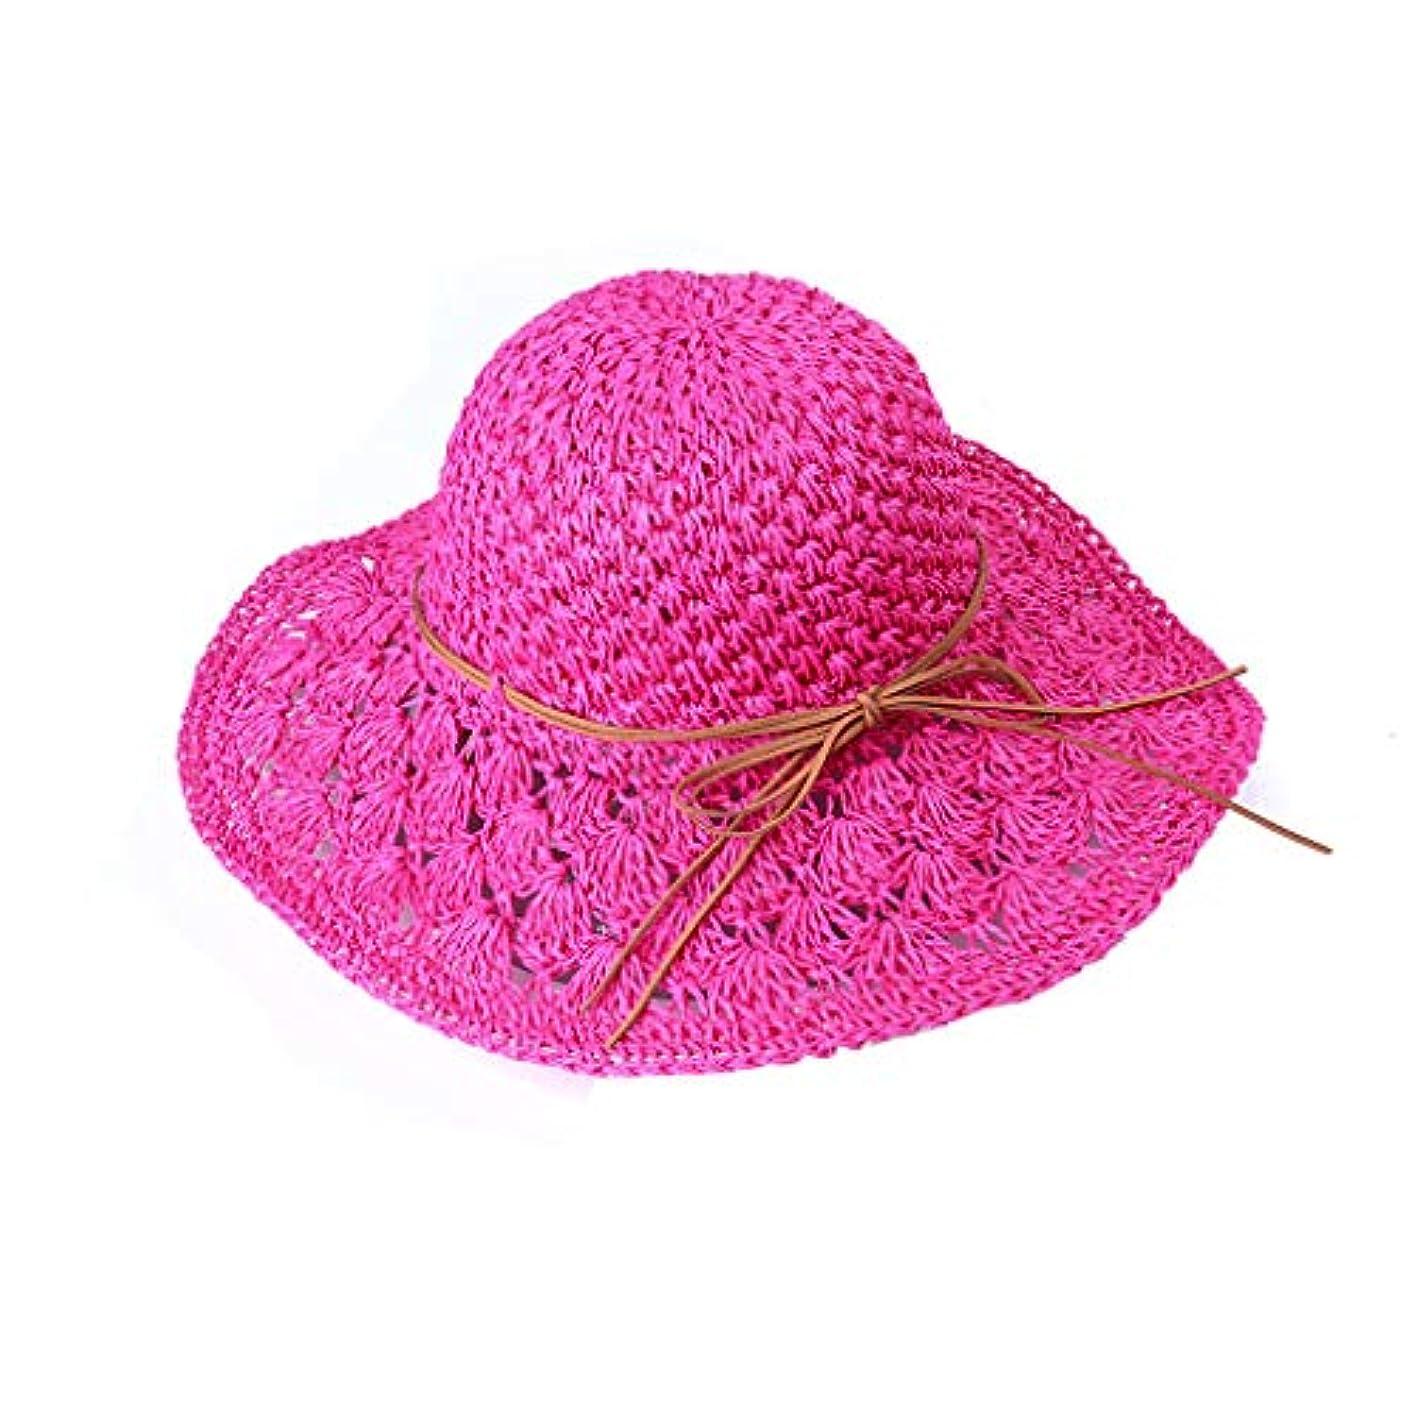 偏心泣くオーク帽子 レディース UVカット uv帽 熱中症予防 広幅 取り外すあご紐 スナップ収納 折りたたみ つば広 調節テープ 吸汗通気 つば広 紫外線カット サファリハット 紫外線対策 おしゃれ 高級感 ROSE ROMAN